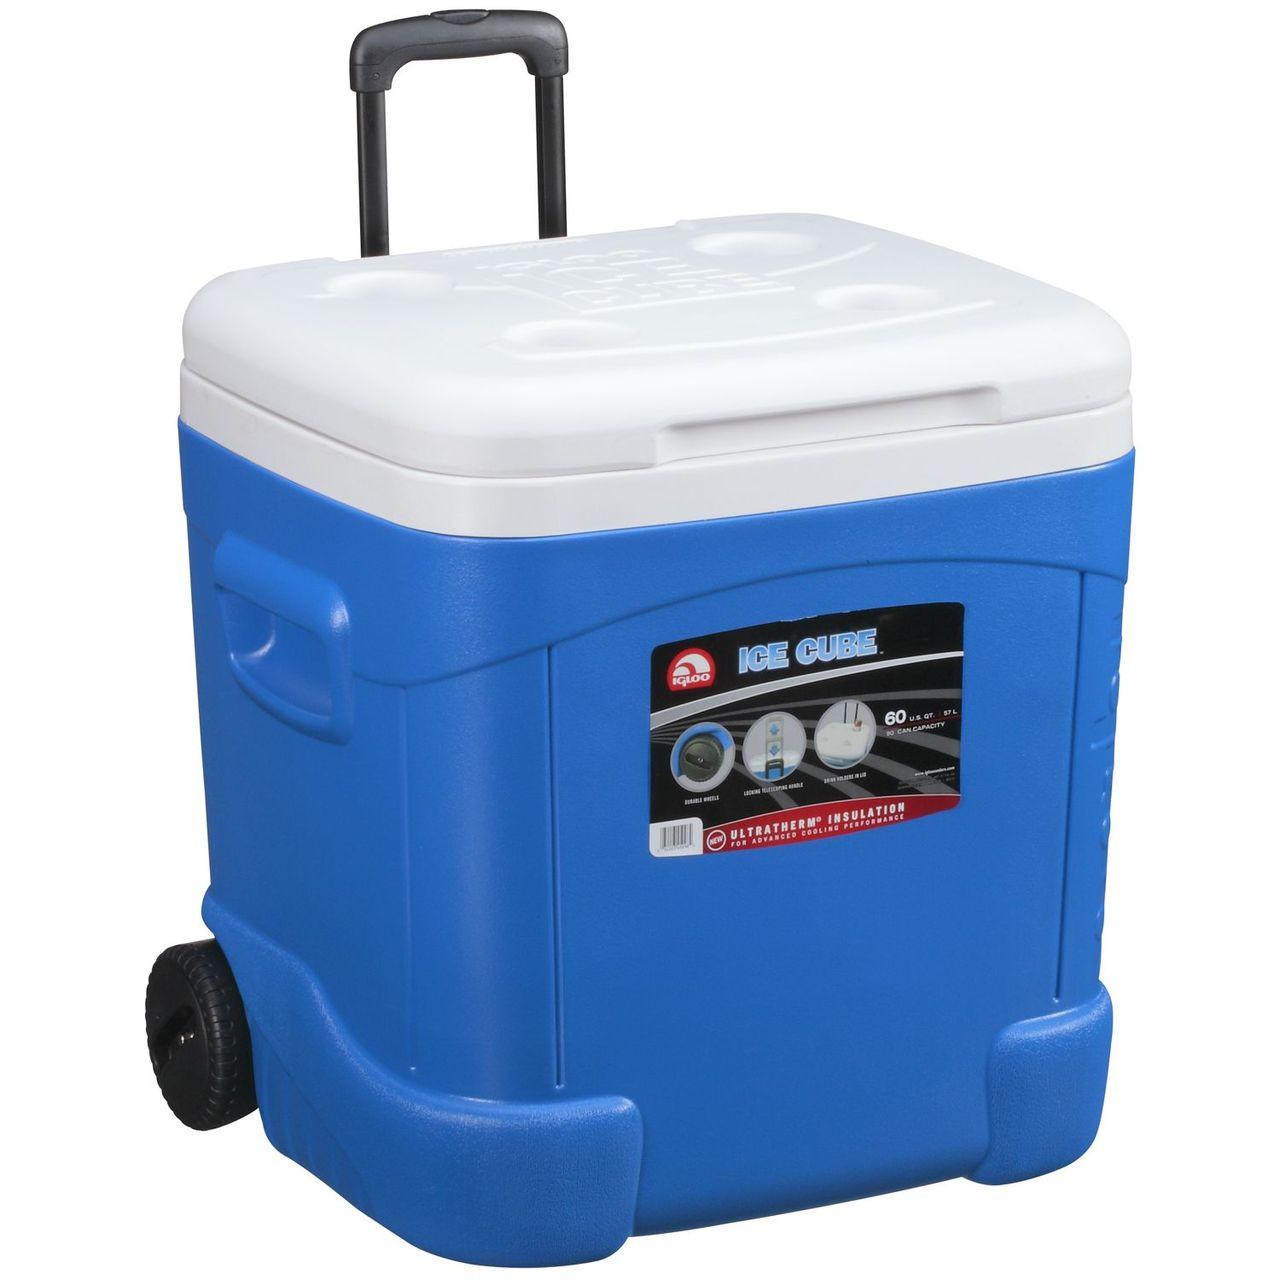 Igloo Ice Cube 60qt 57l Wheeled Cool Box Mobile